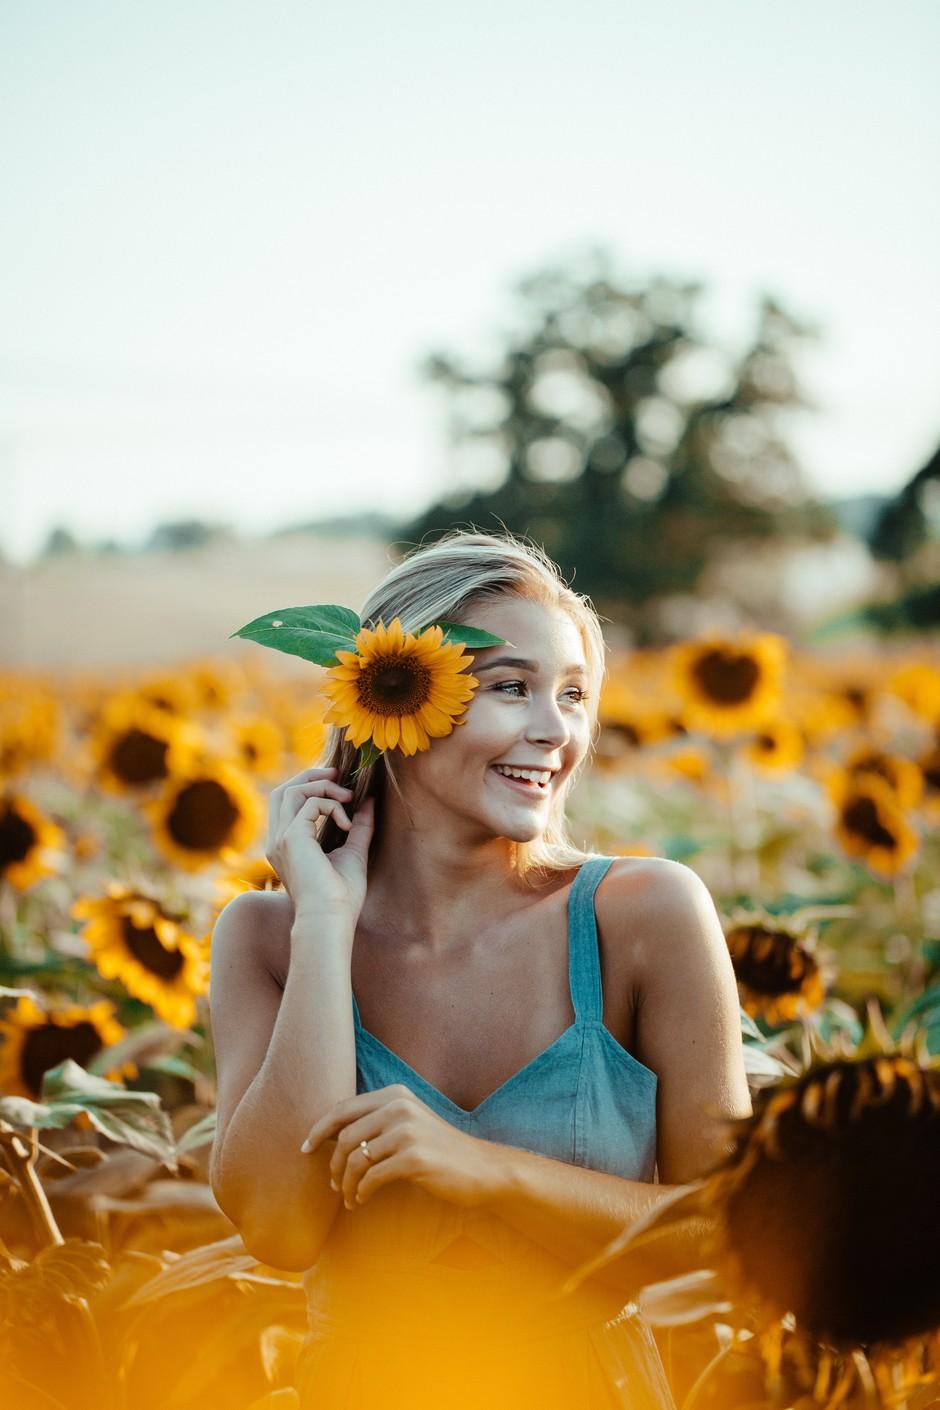 To je modni kos, ki ti je to jesen pisan na kožo! (glede na tvoje nebesno znamenje) (foto: Unsplash.com/Blake Cheek)